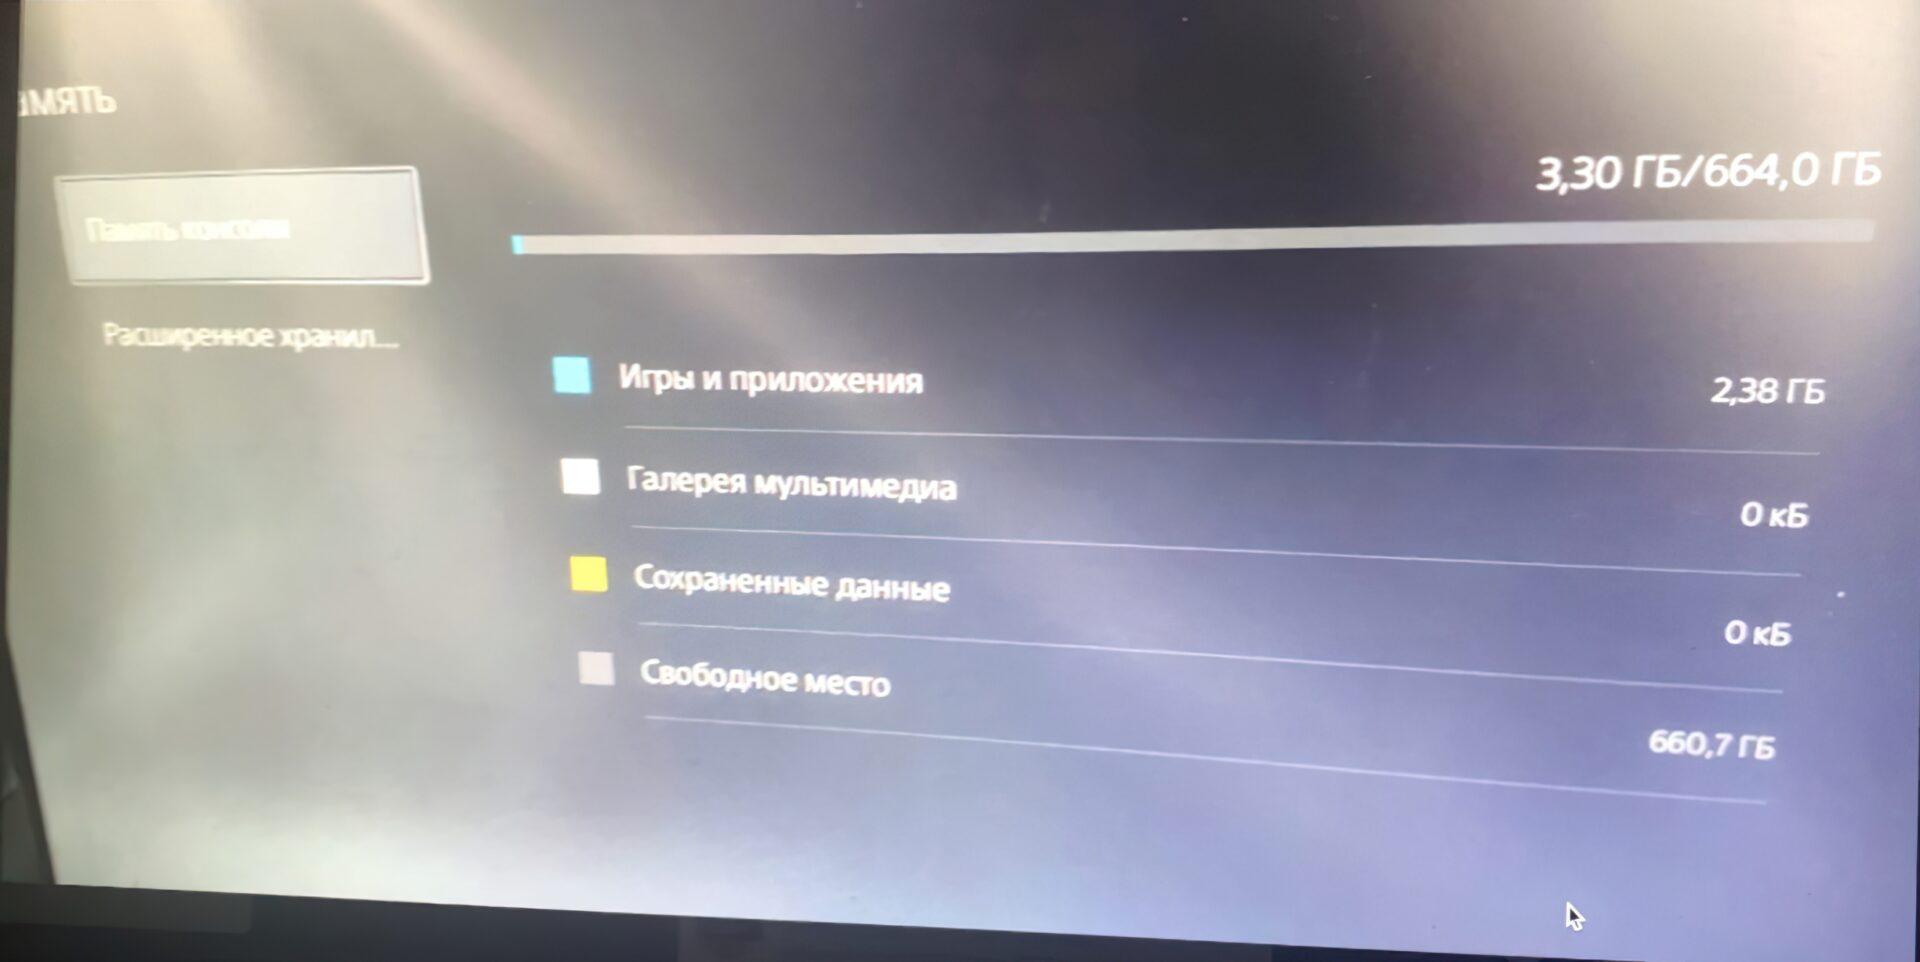 Под игры в PlayStation 5 будет выделено лишь 664 Гб